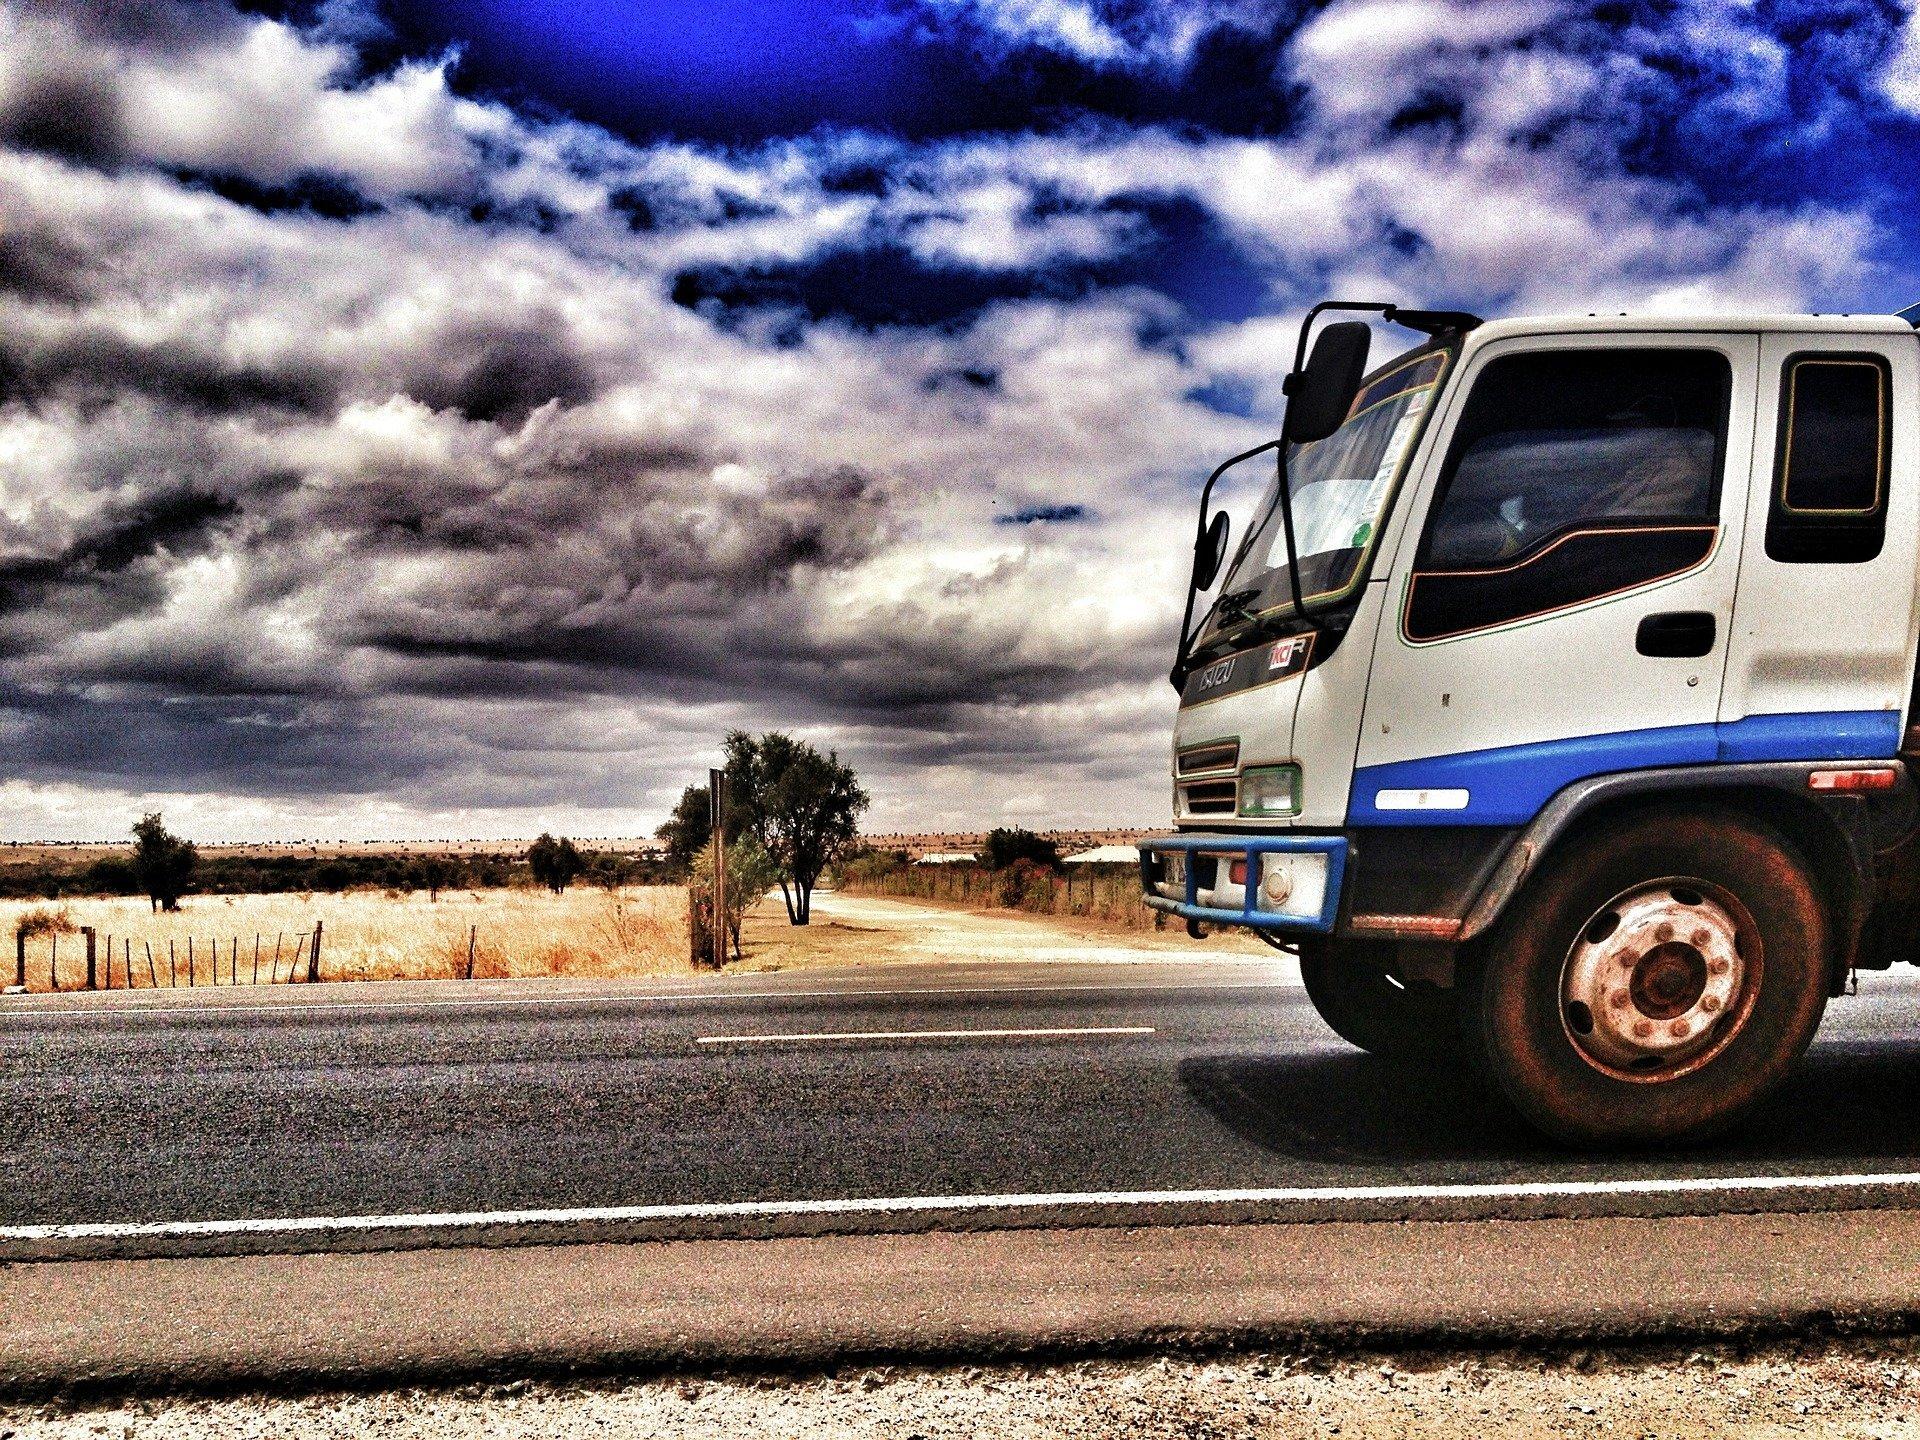 Nowe regulacje w zakresie sposobu przewozu ładunku